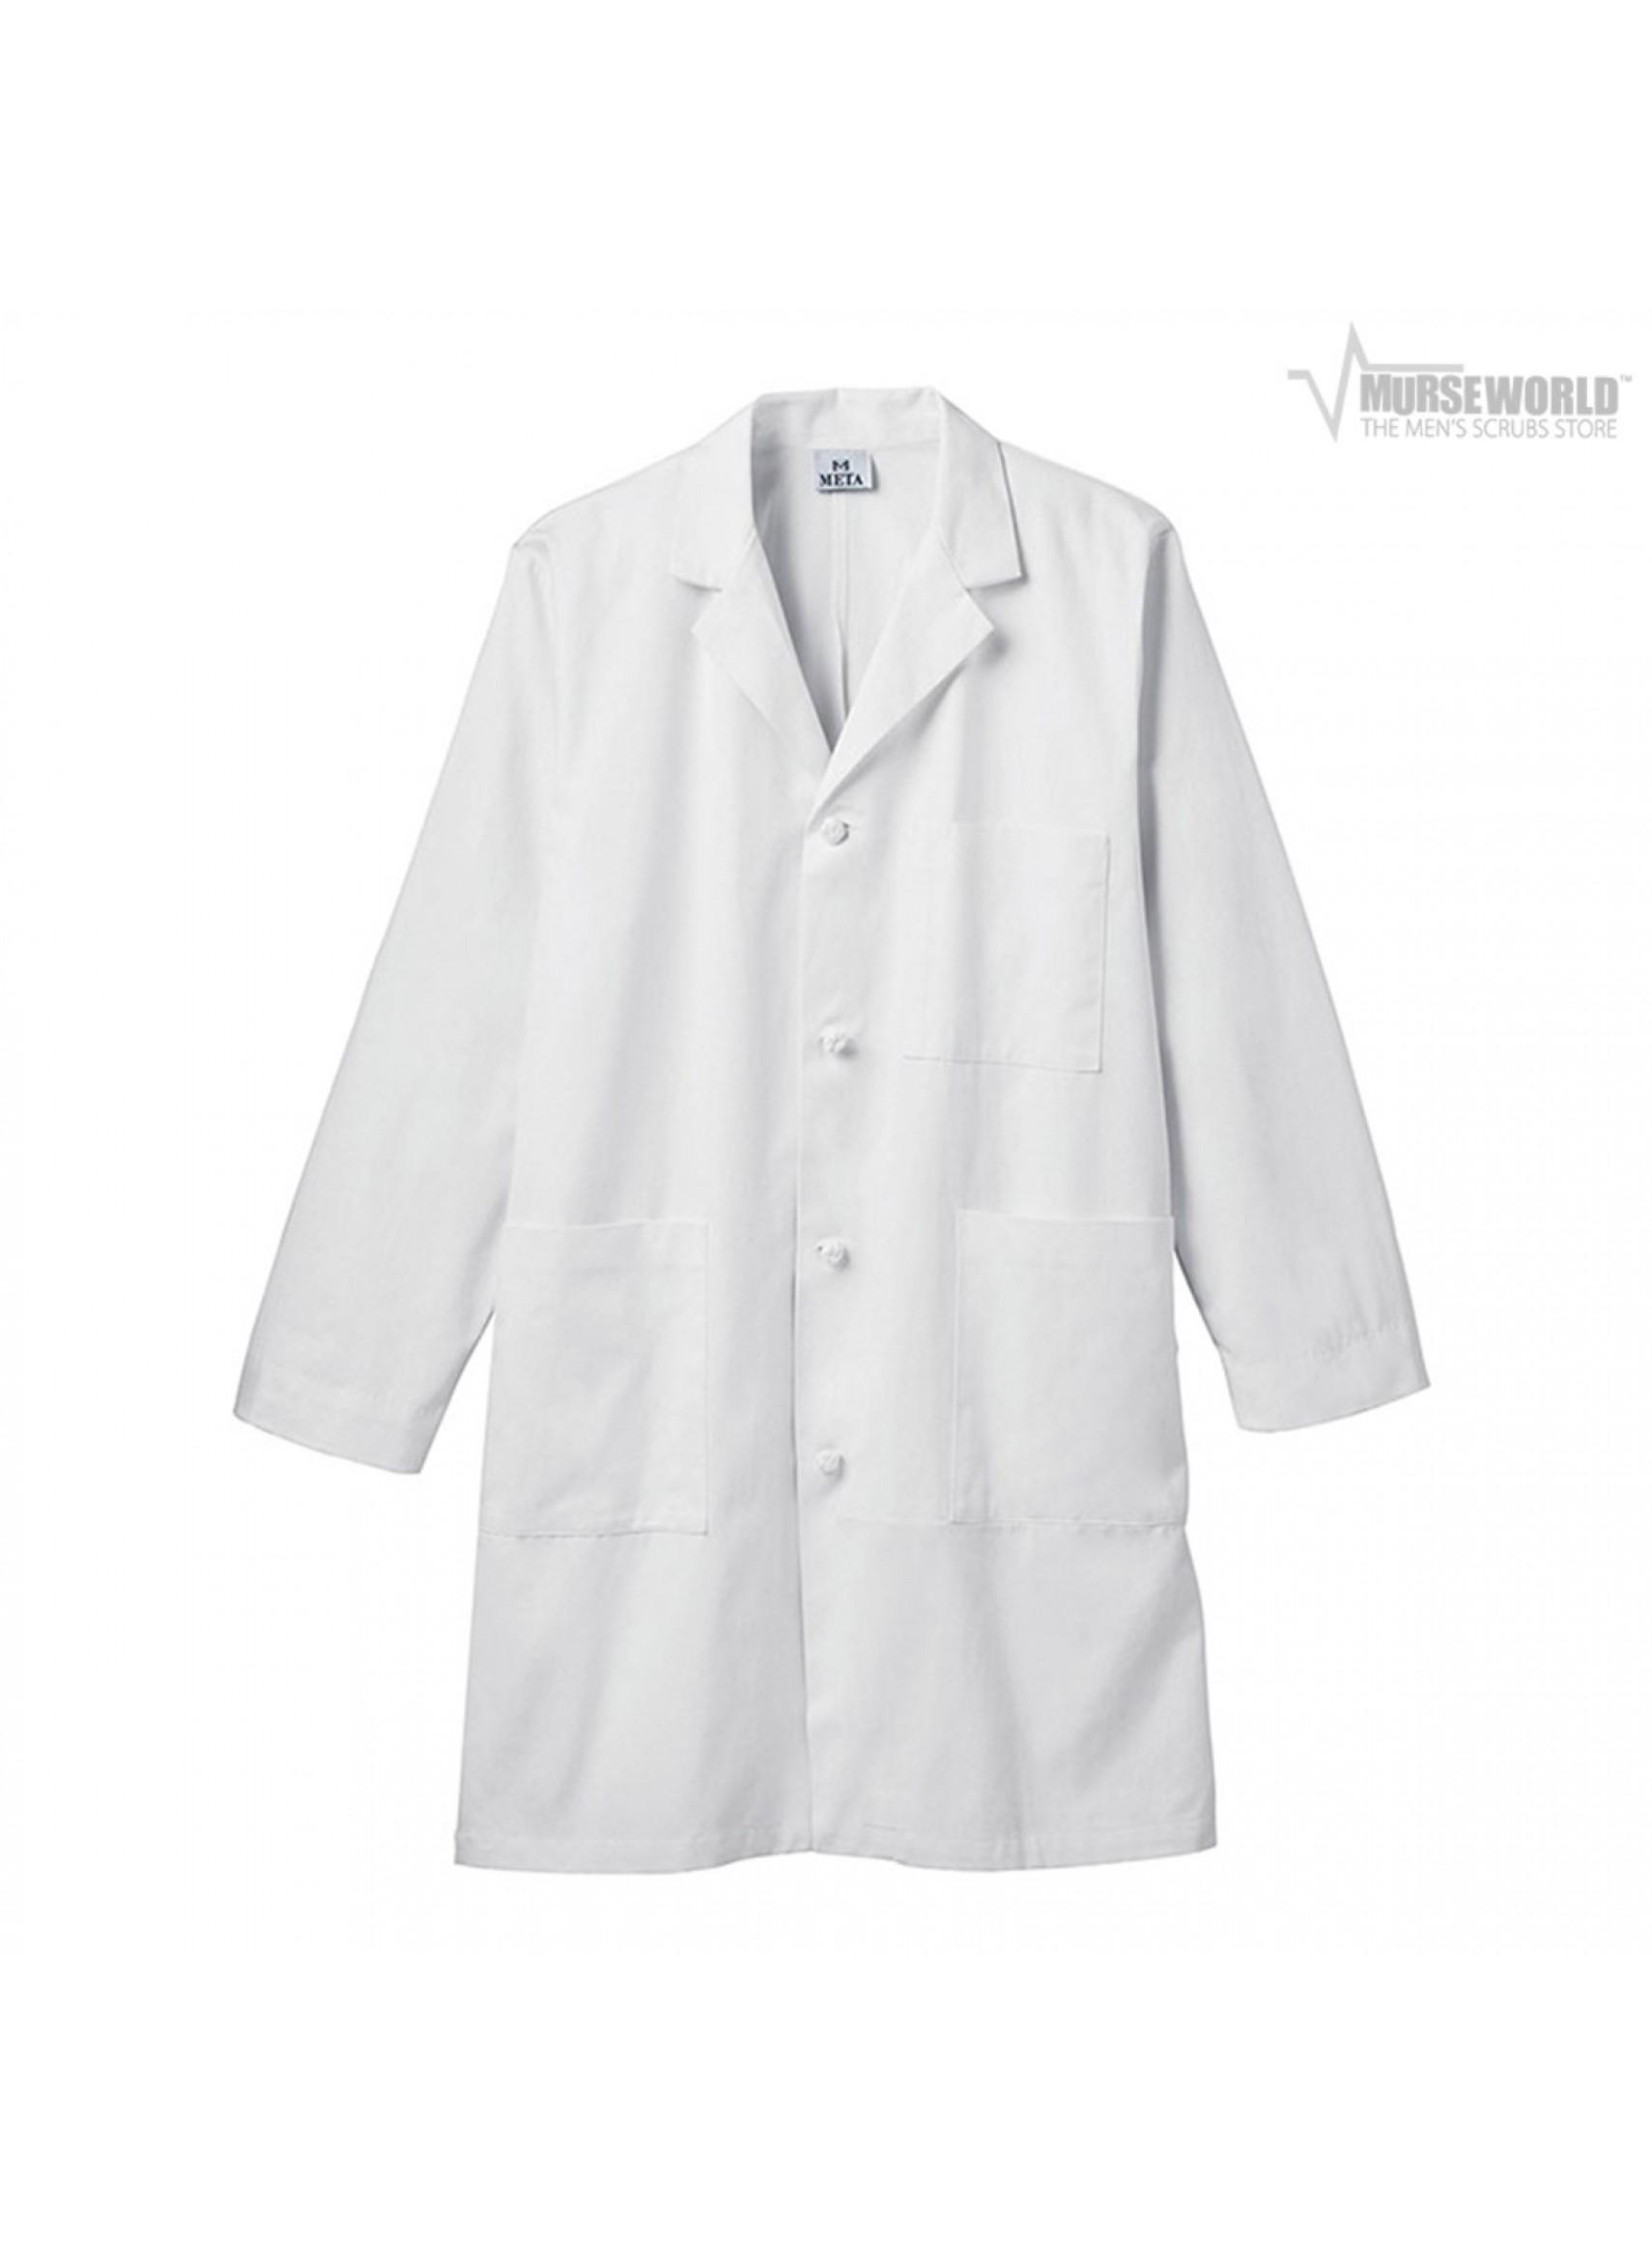 Meta black lab coat